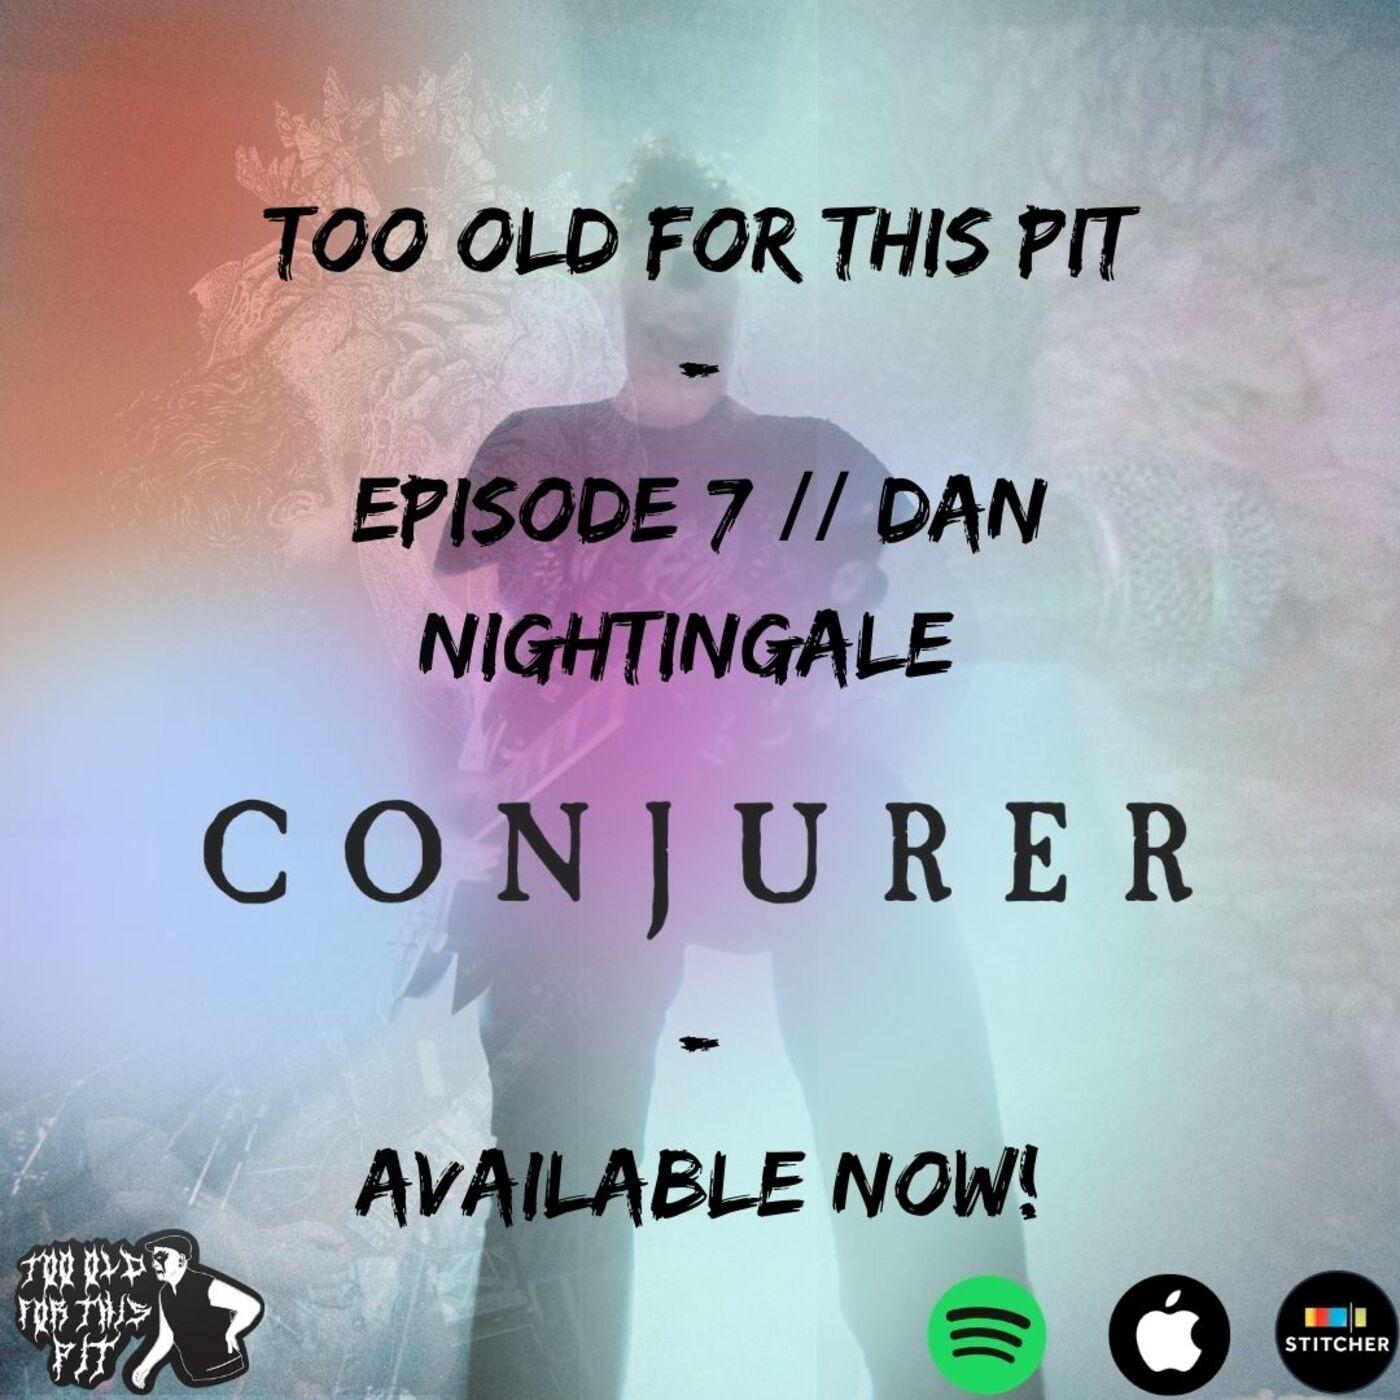 Episode 7 - Dan Nightingale (Conjurer)